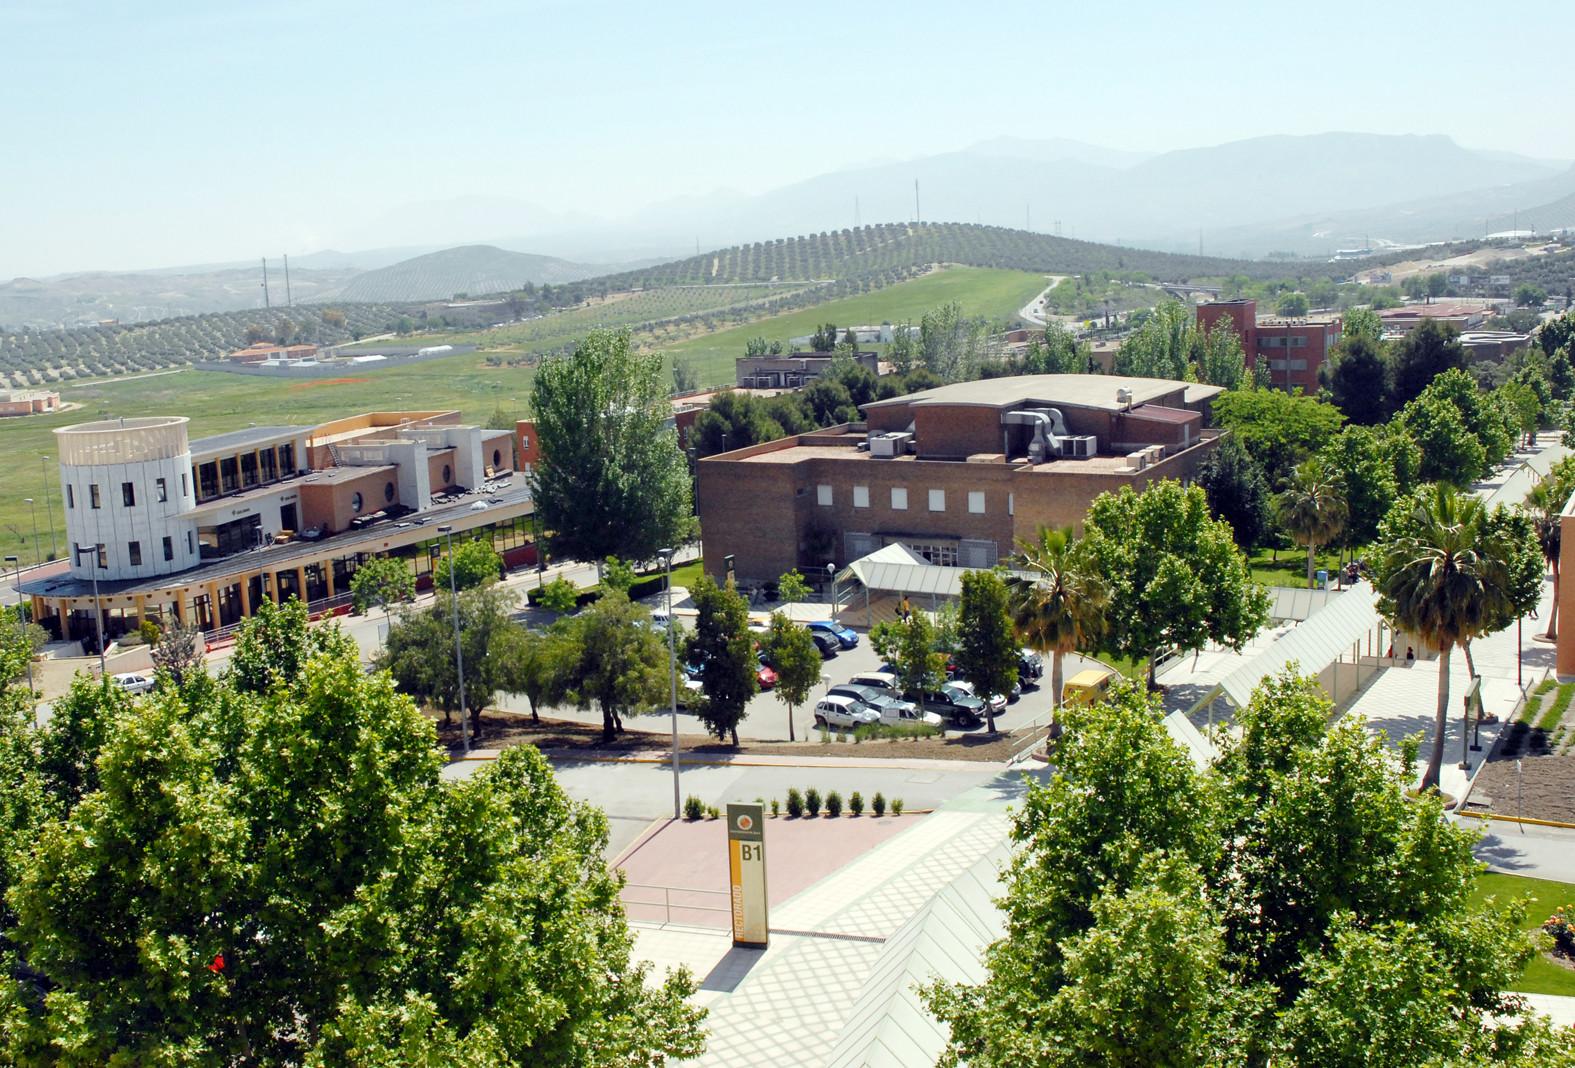 Imagen de la noticia Sensibilización de la comunidad universitaria en los objetivos de desarrollo sostenible y en cooperación al desarrollo